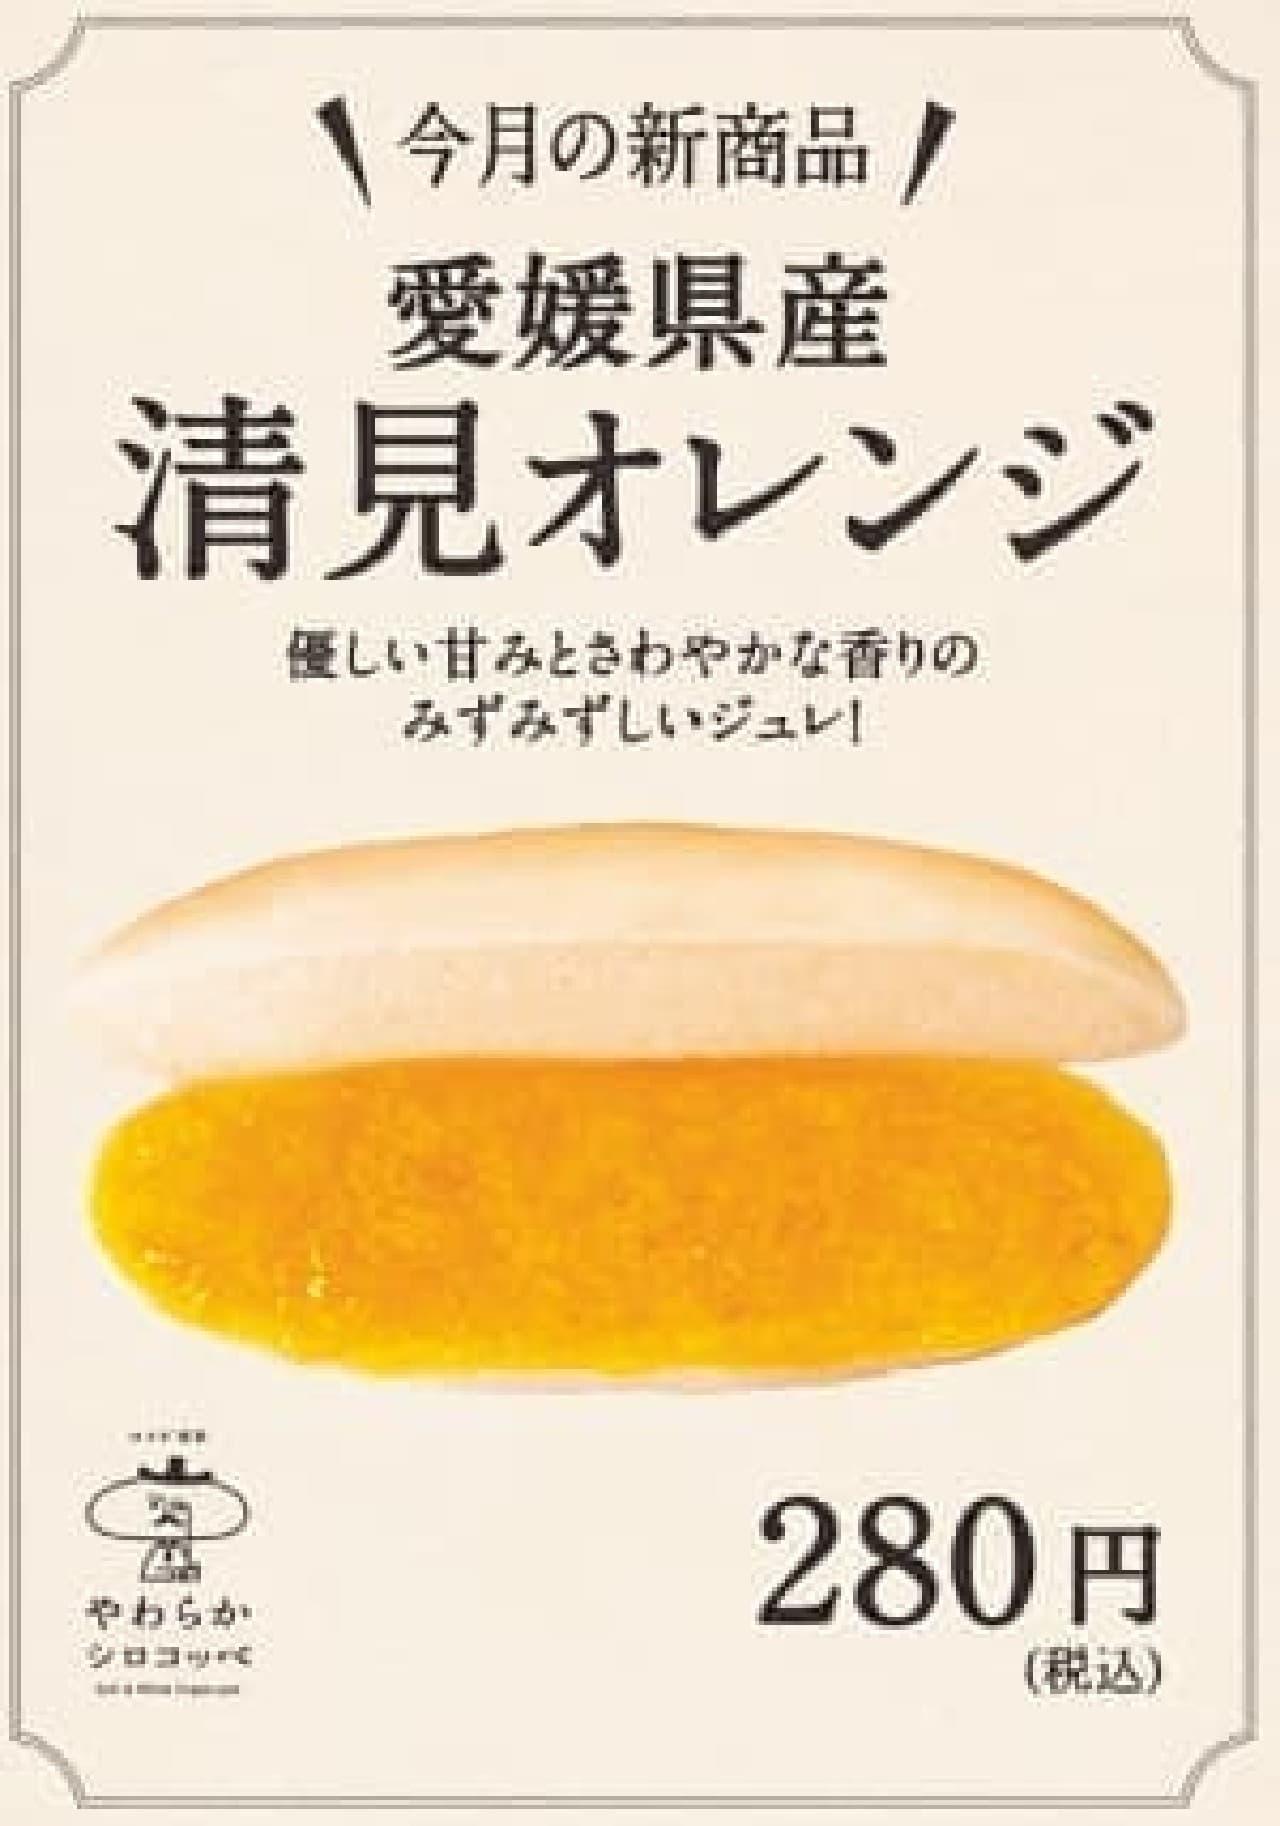 コメダ謹製 やわらかシロコッペ「愛媛県産清見オレンジ」